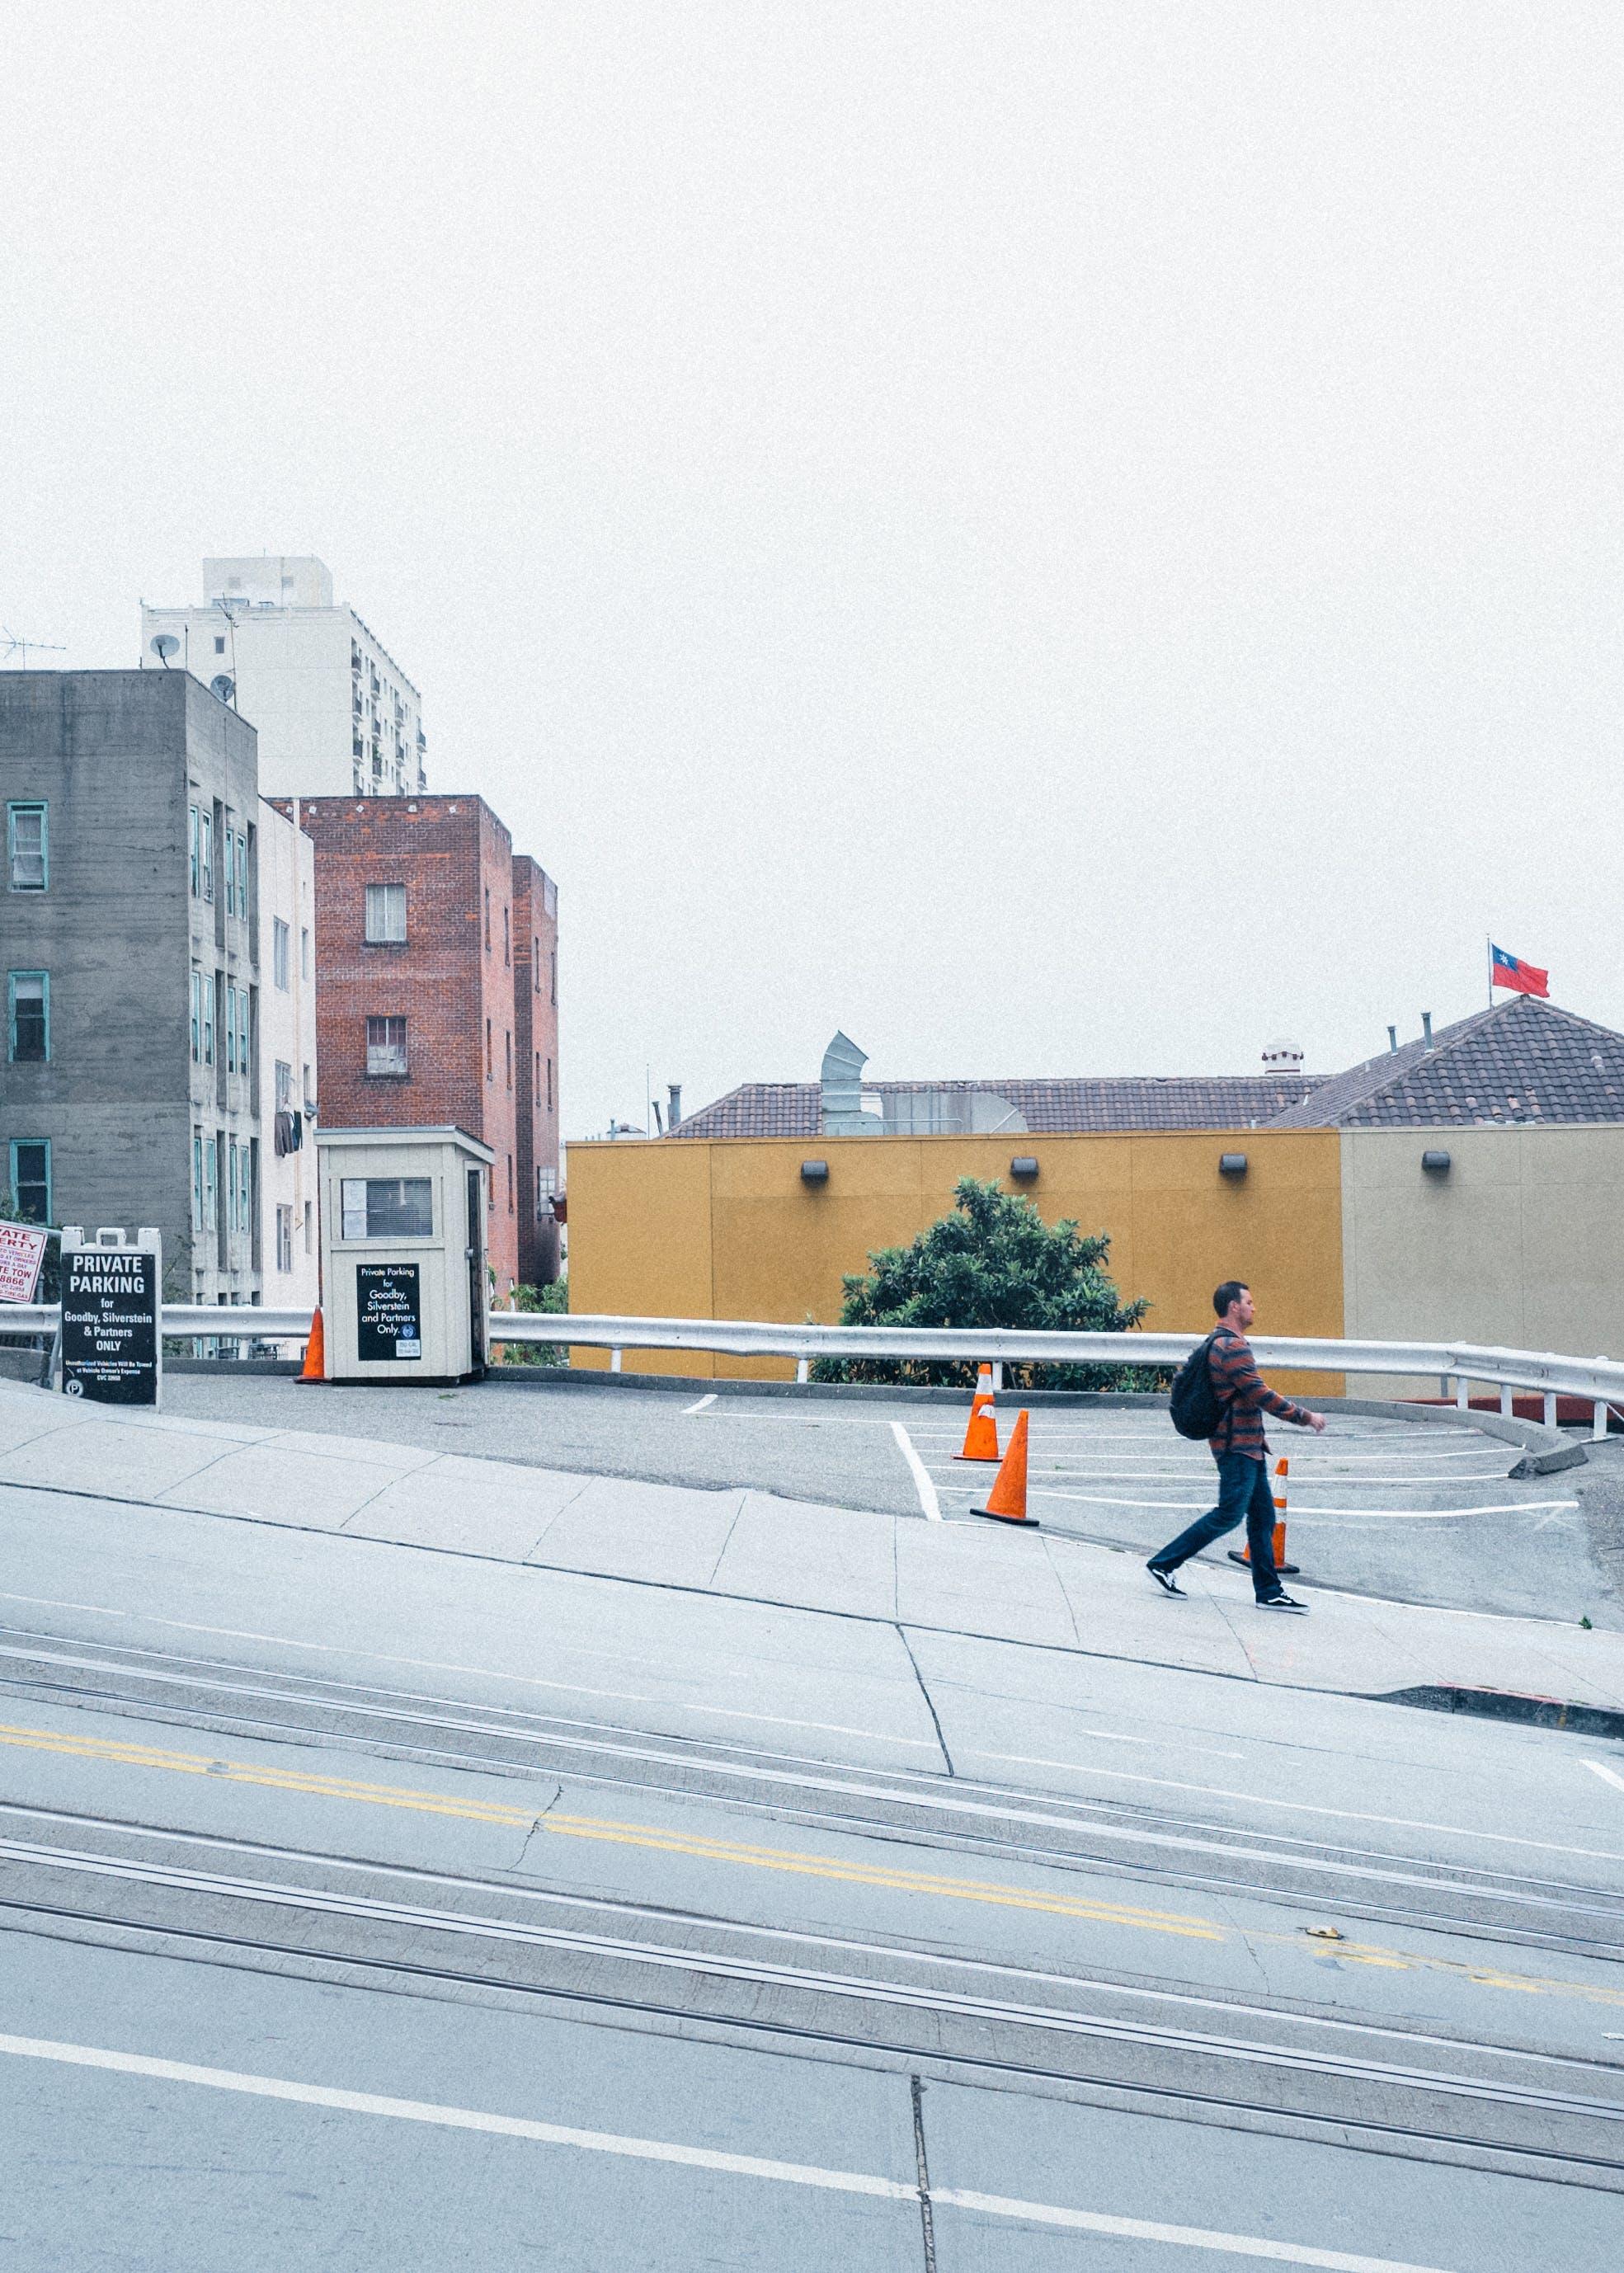 おとこ, シティ, タウン, 建物の無料の写真素材